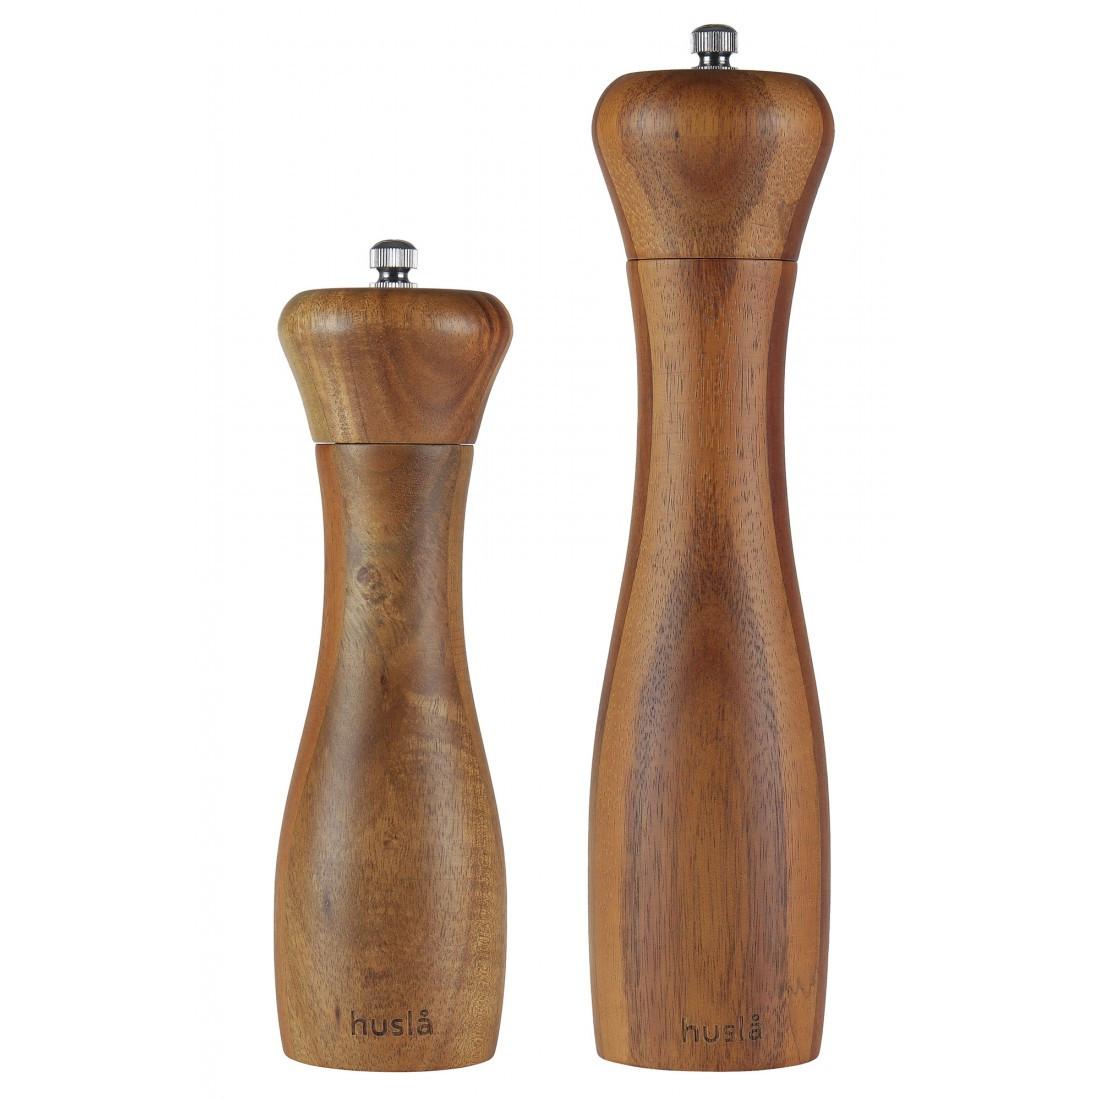 Набір млинів для перцю і солі, виготовлених з деревини акації Husla (73911)